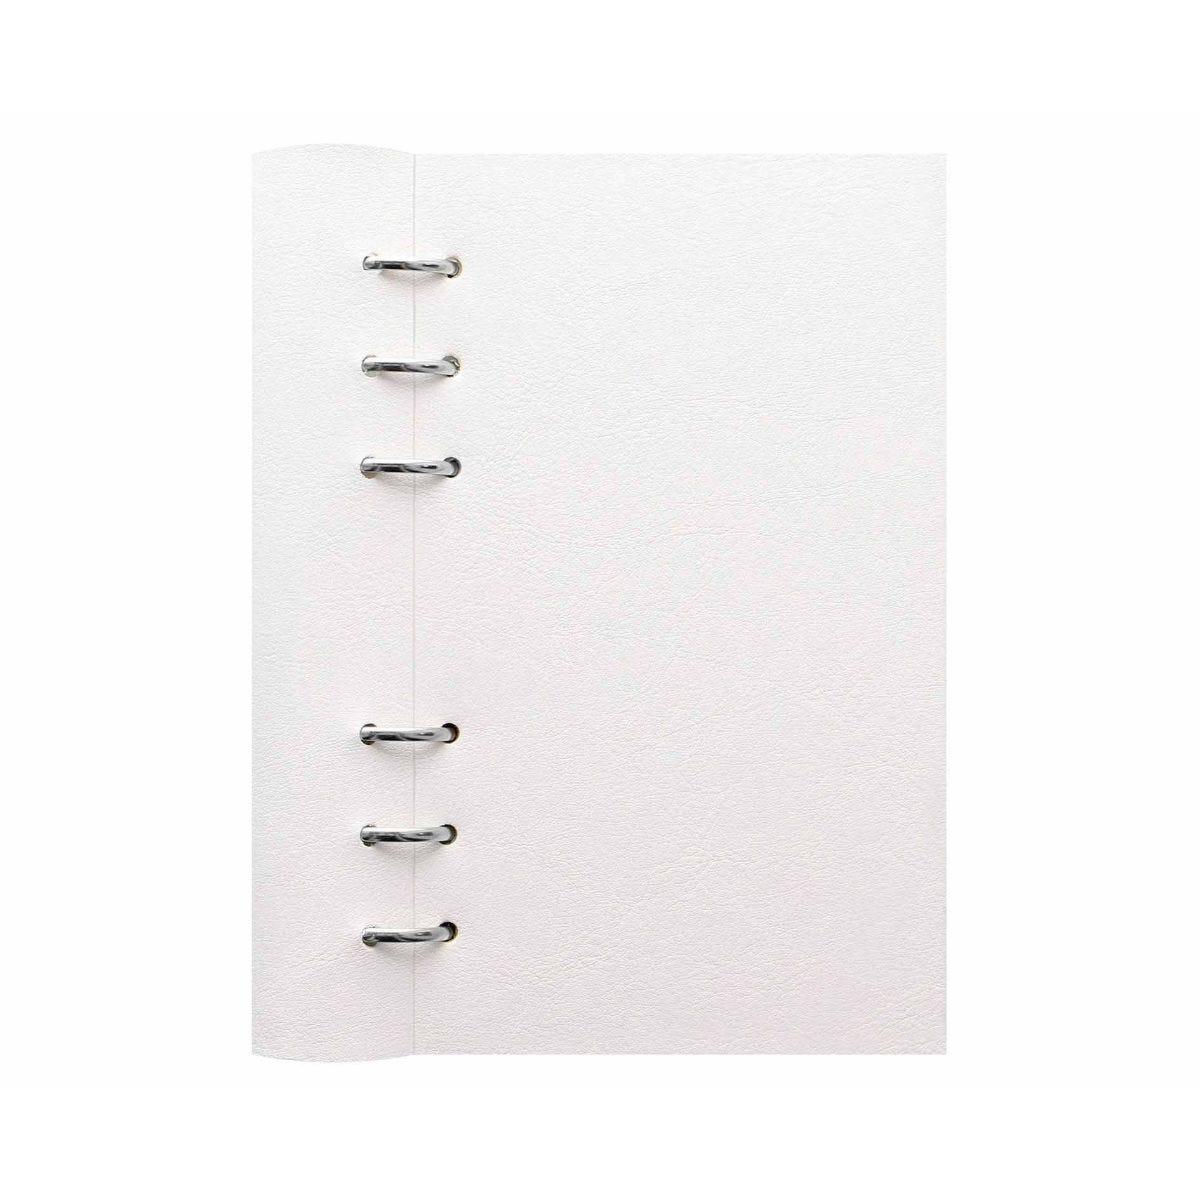 Filofax Refillable Clipbook Planner Personal White